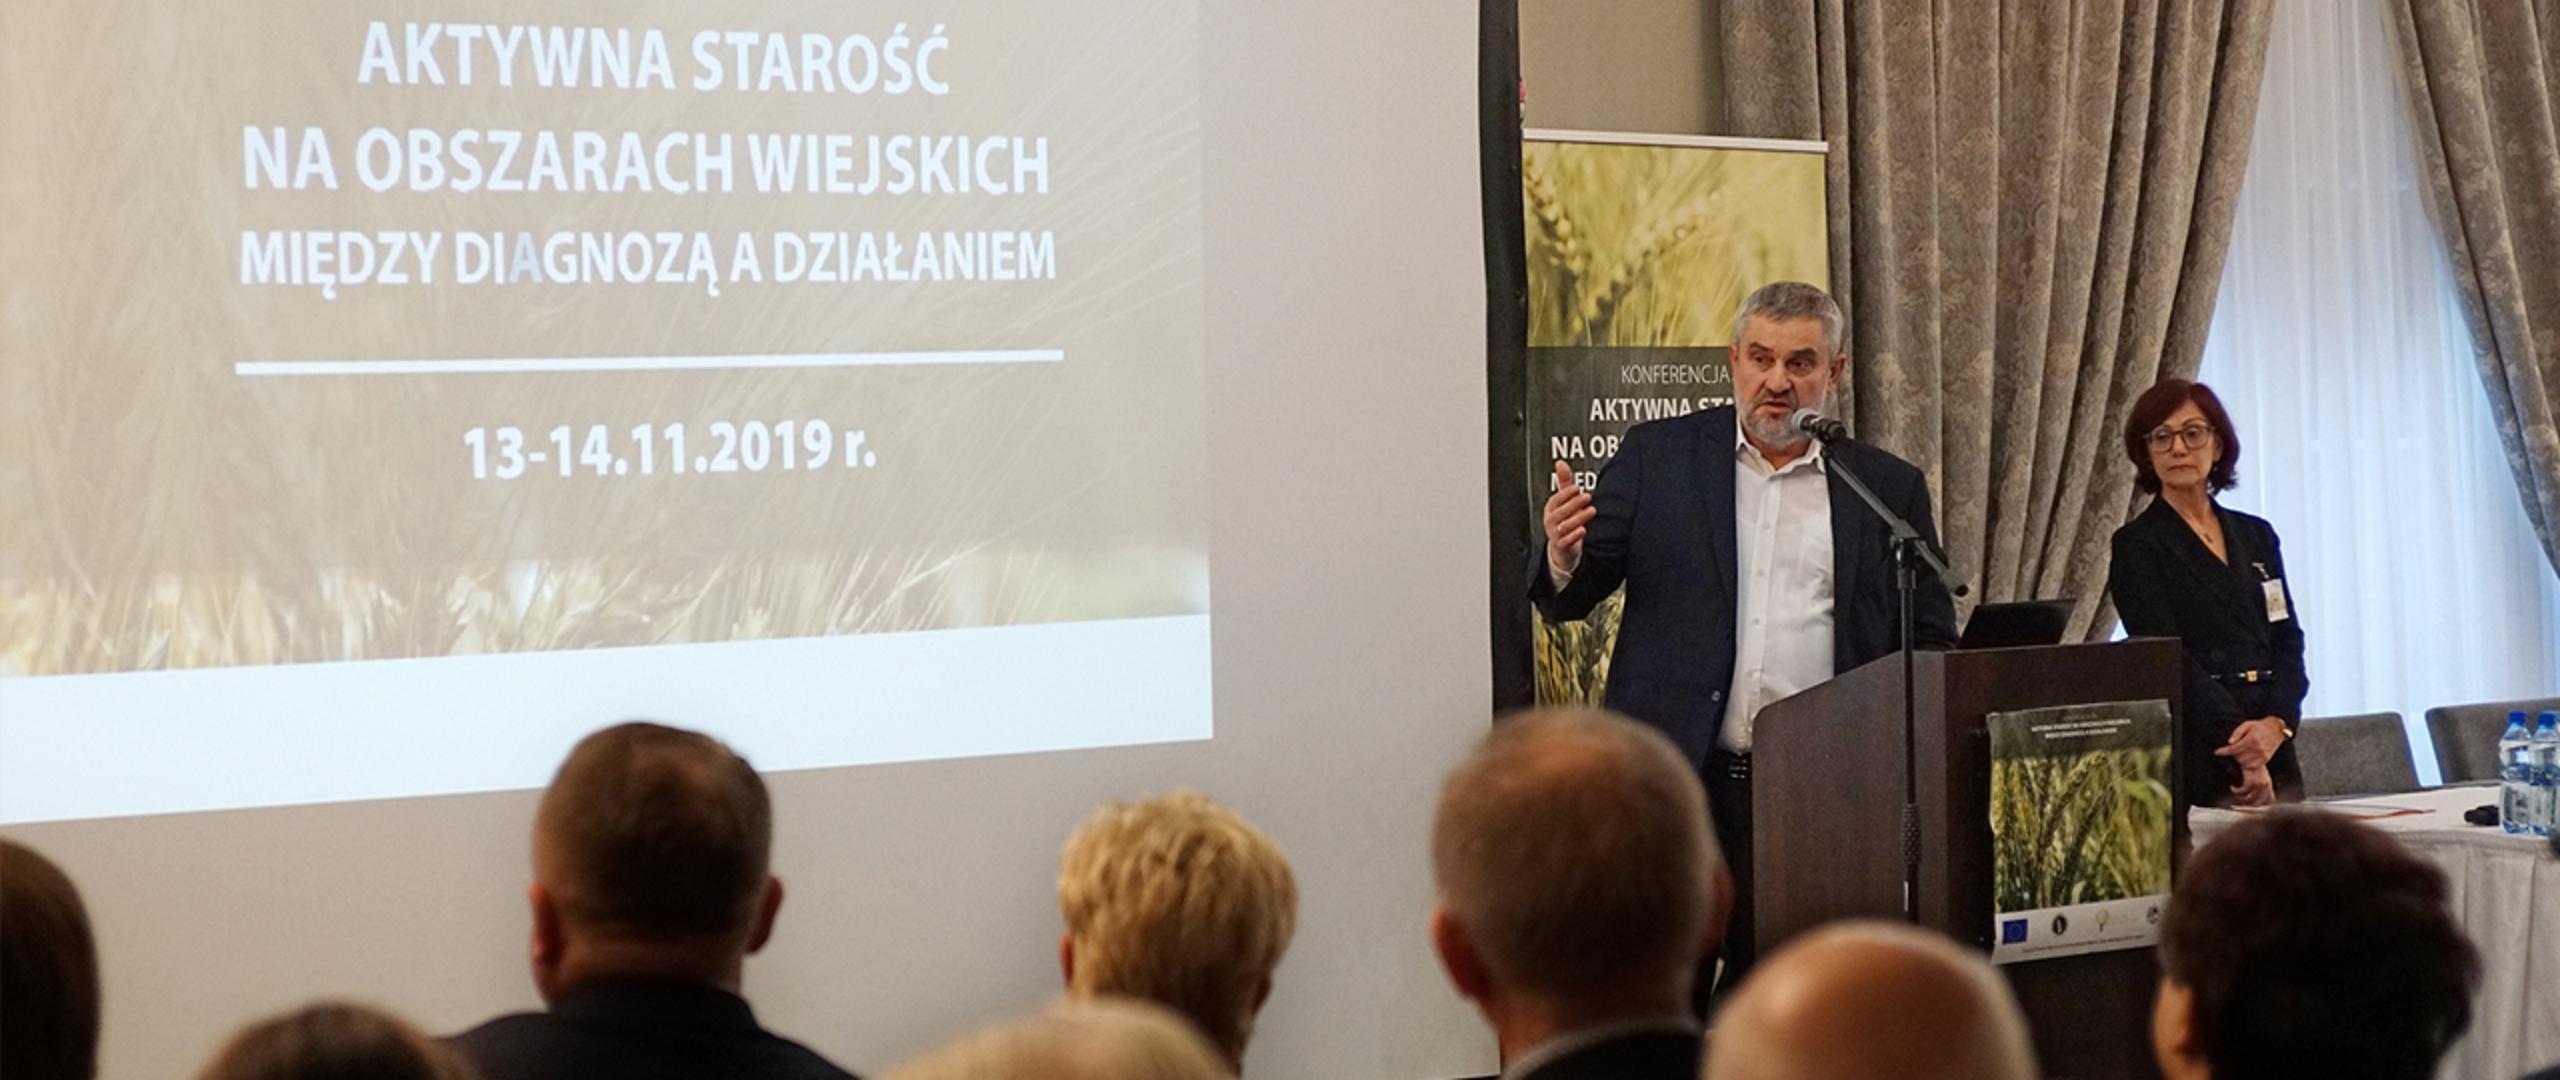 """Konferencja pt. """"Aktywna starość na obszarach wiejskich"""" odbyła się w Ołtarzewie (fot. MRiRW)."""